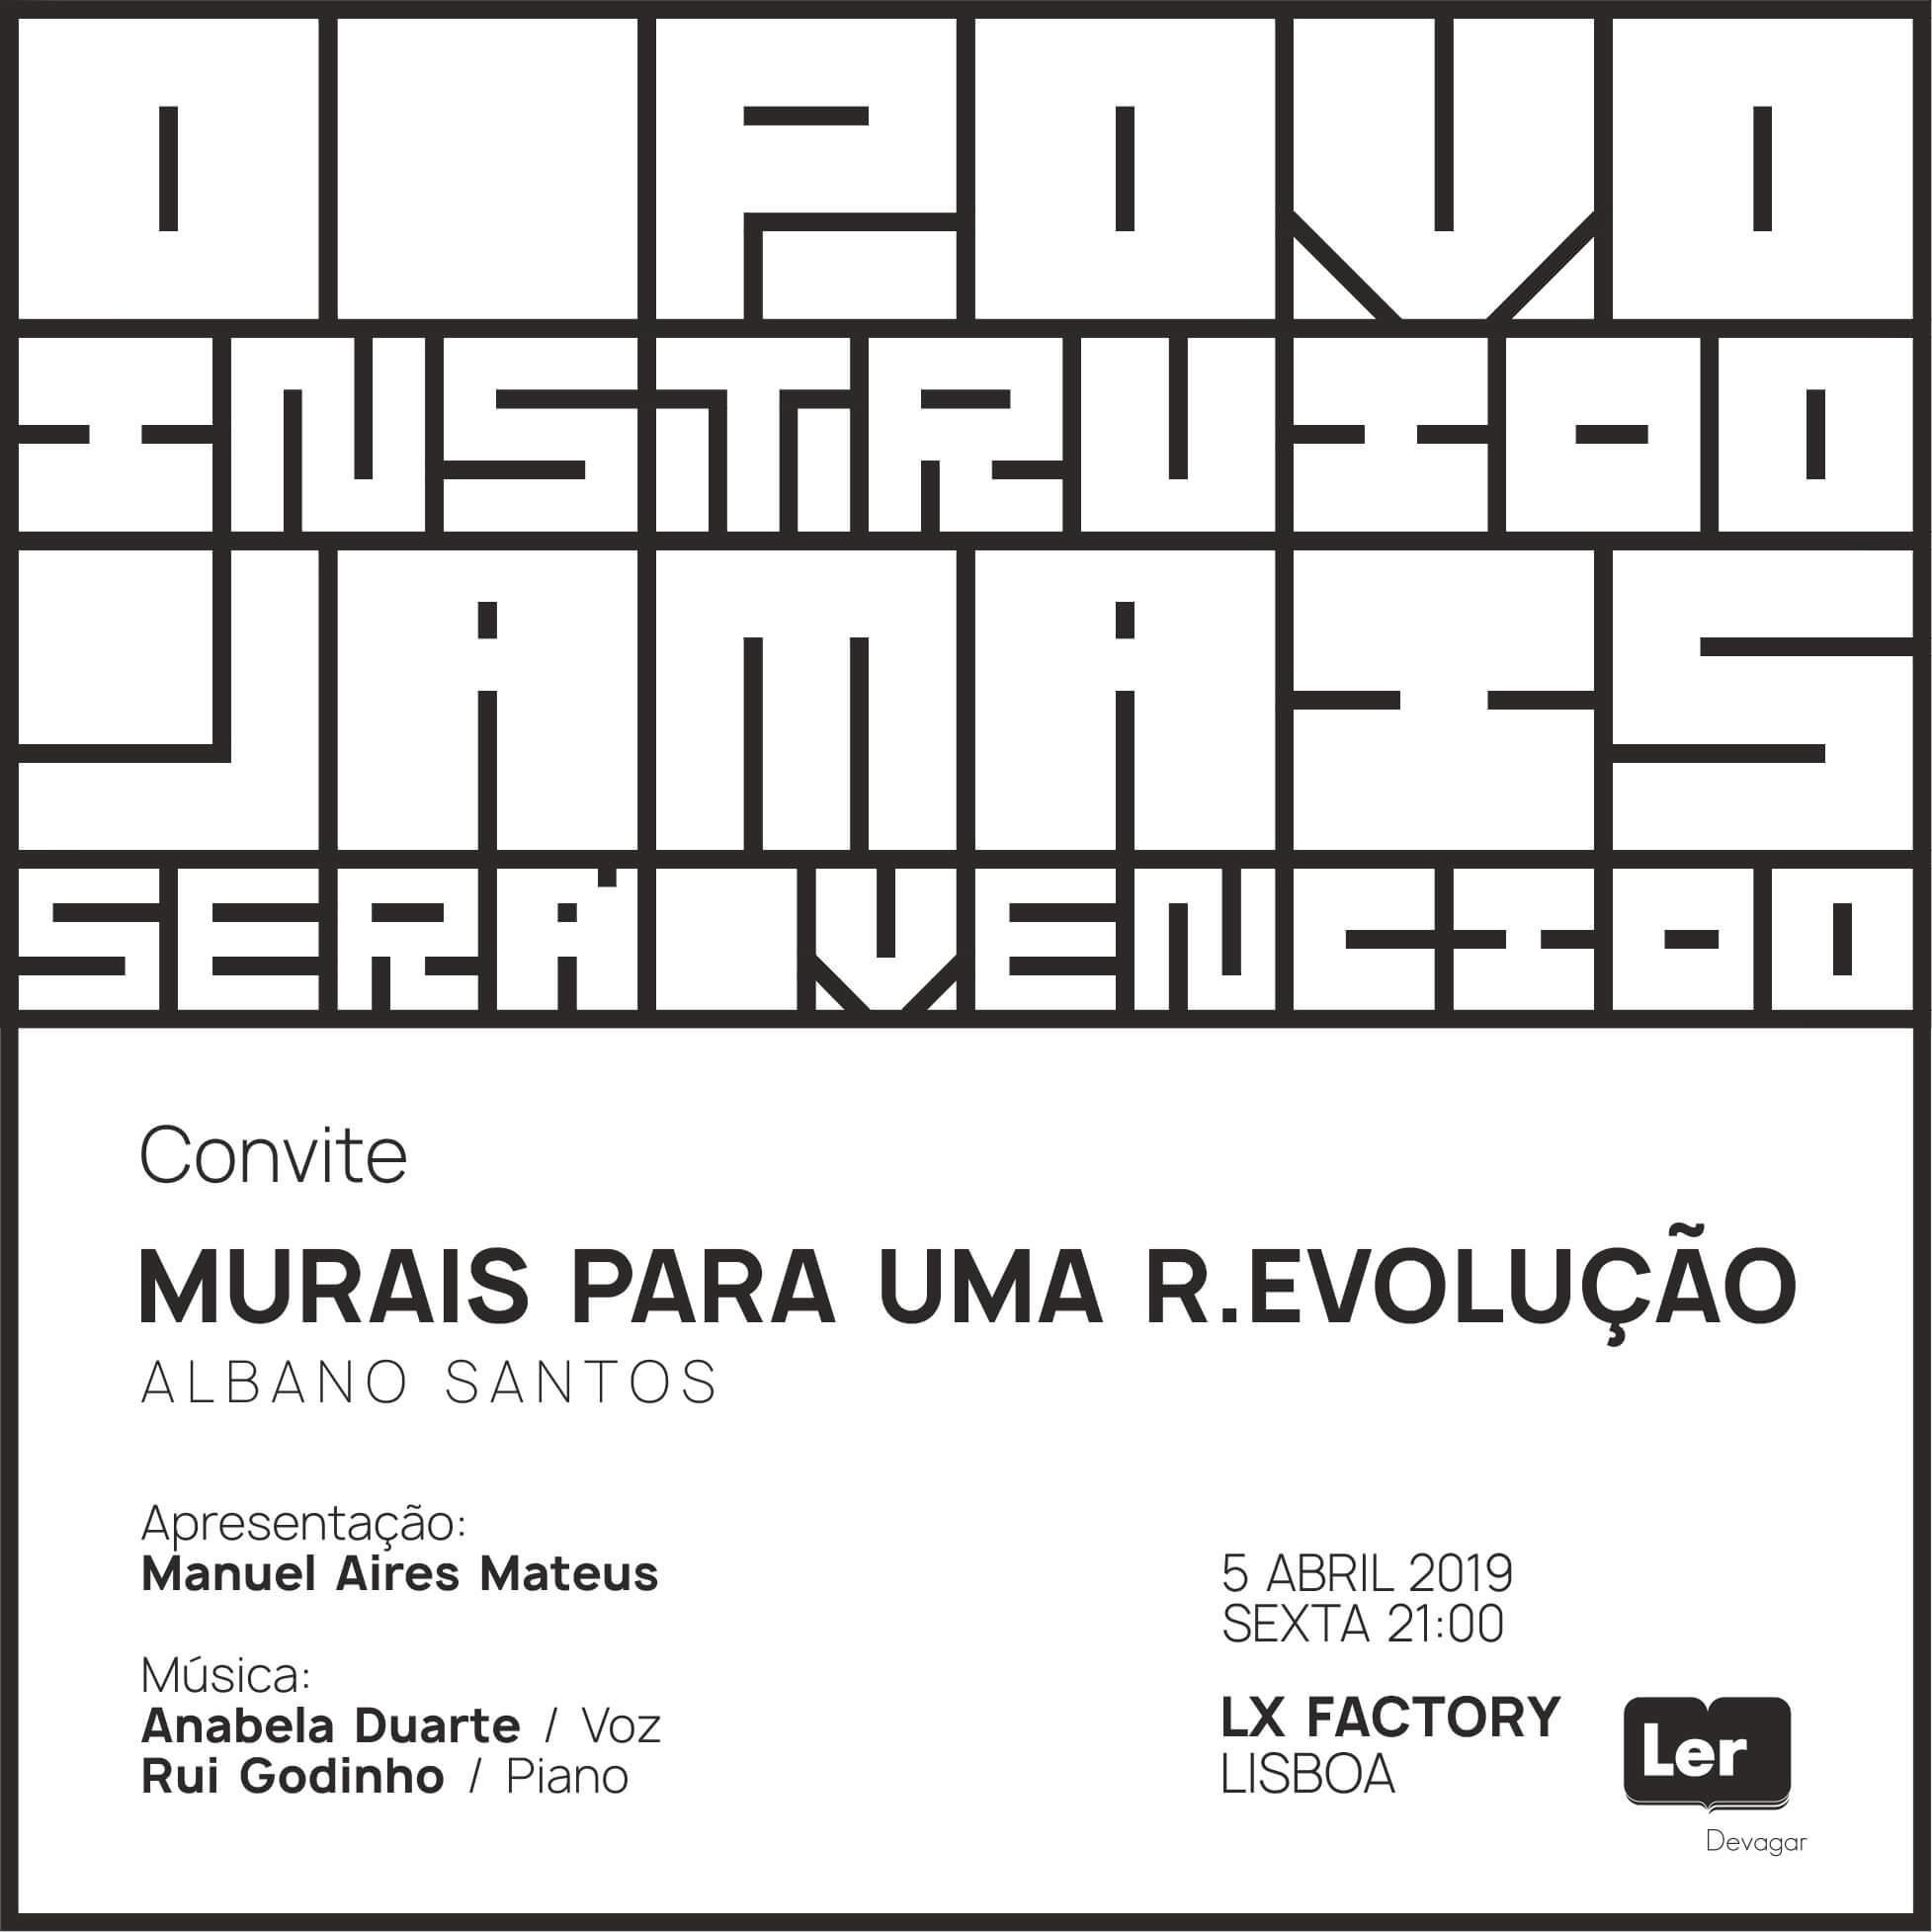 MURAIS PARA UMA R.EVOLUÇÃO